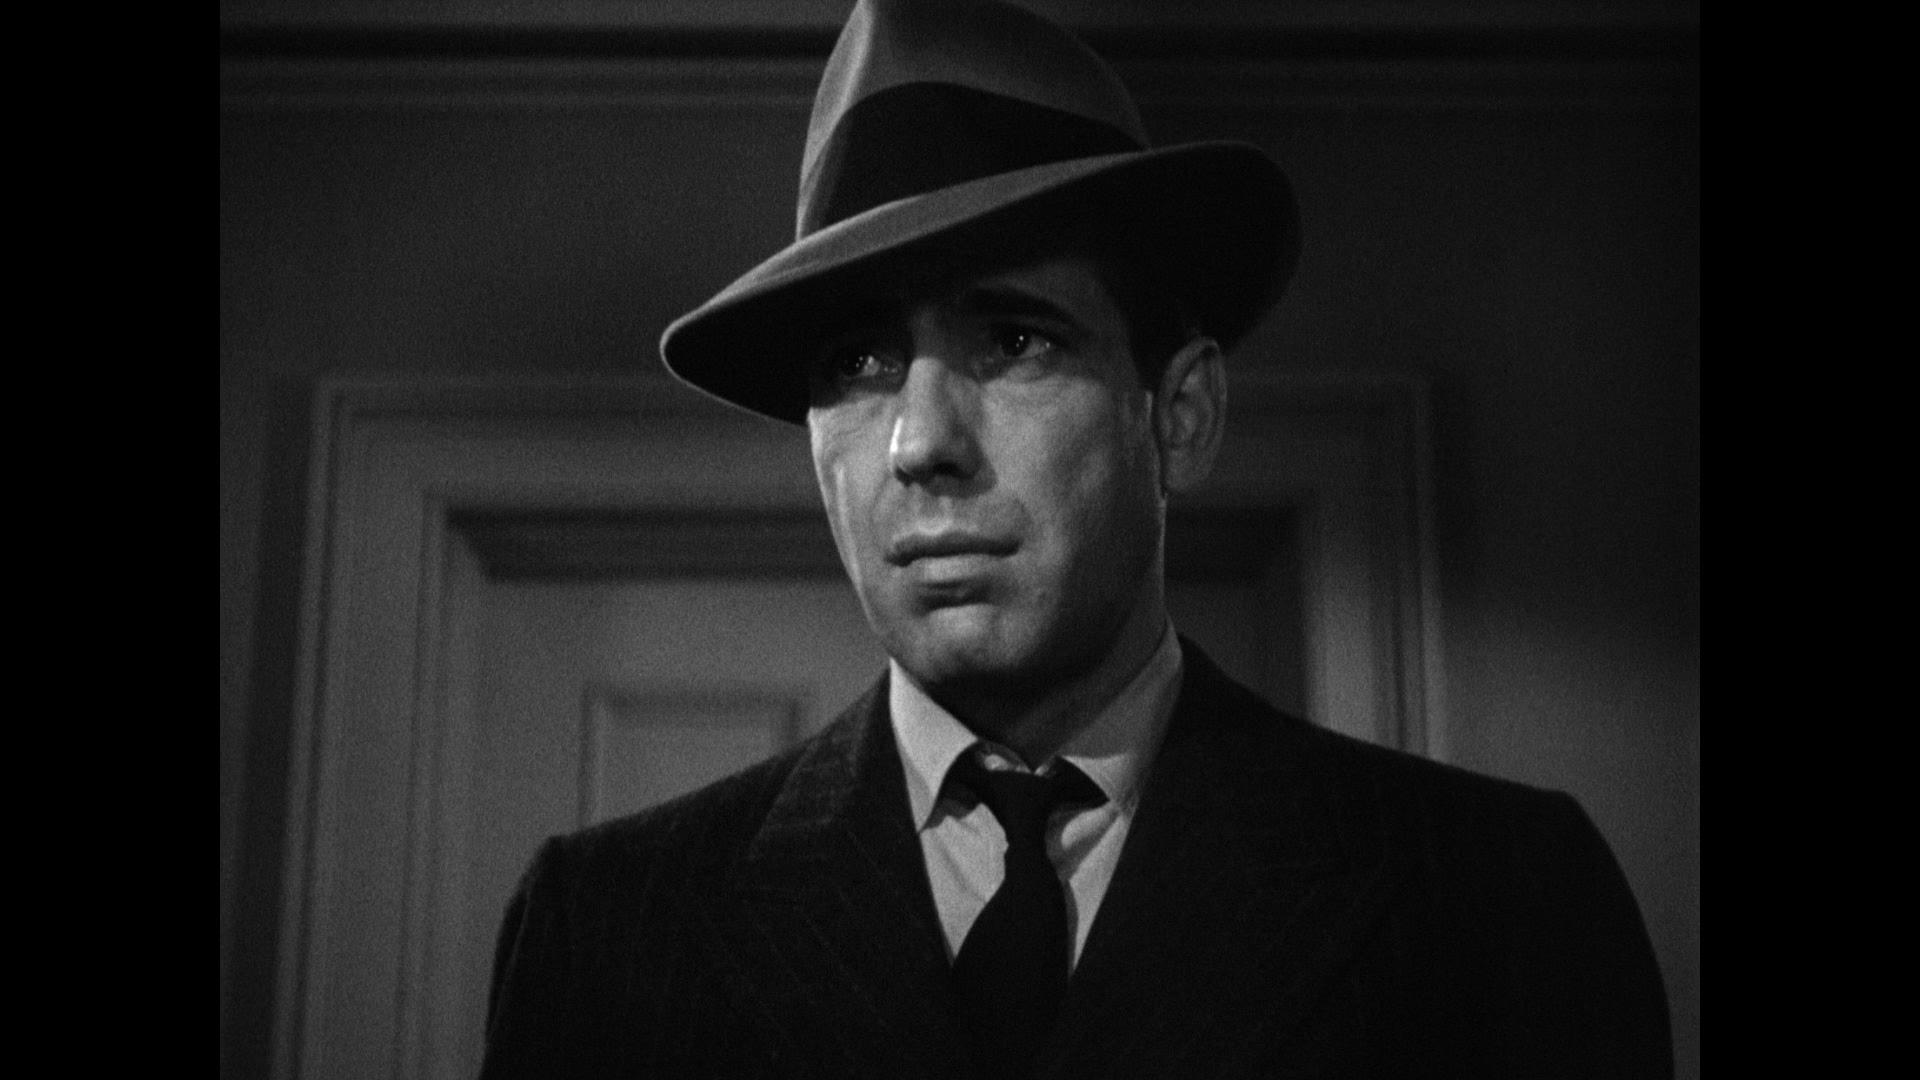 Humphrey Bogart In The Maltese Falcon Humphrey Bogart